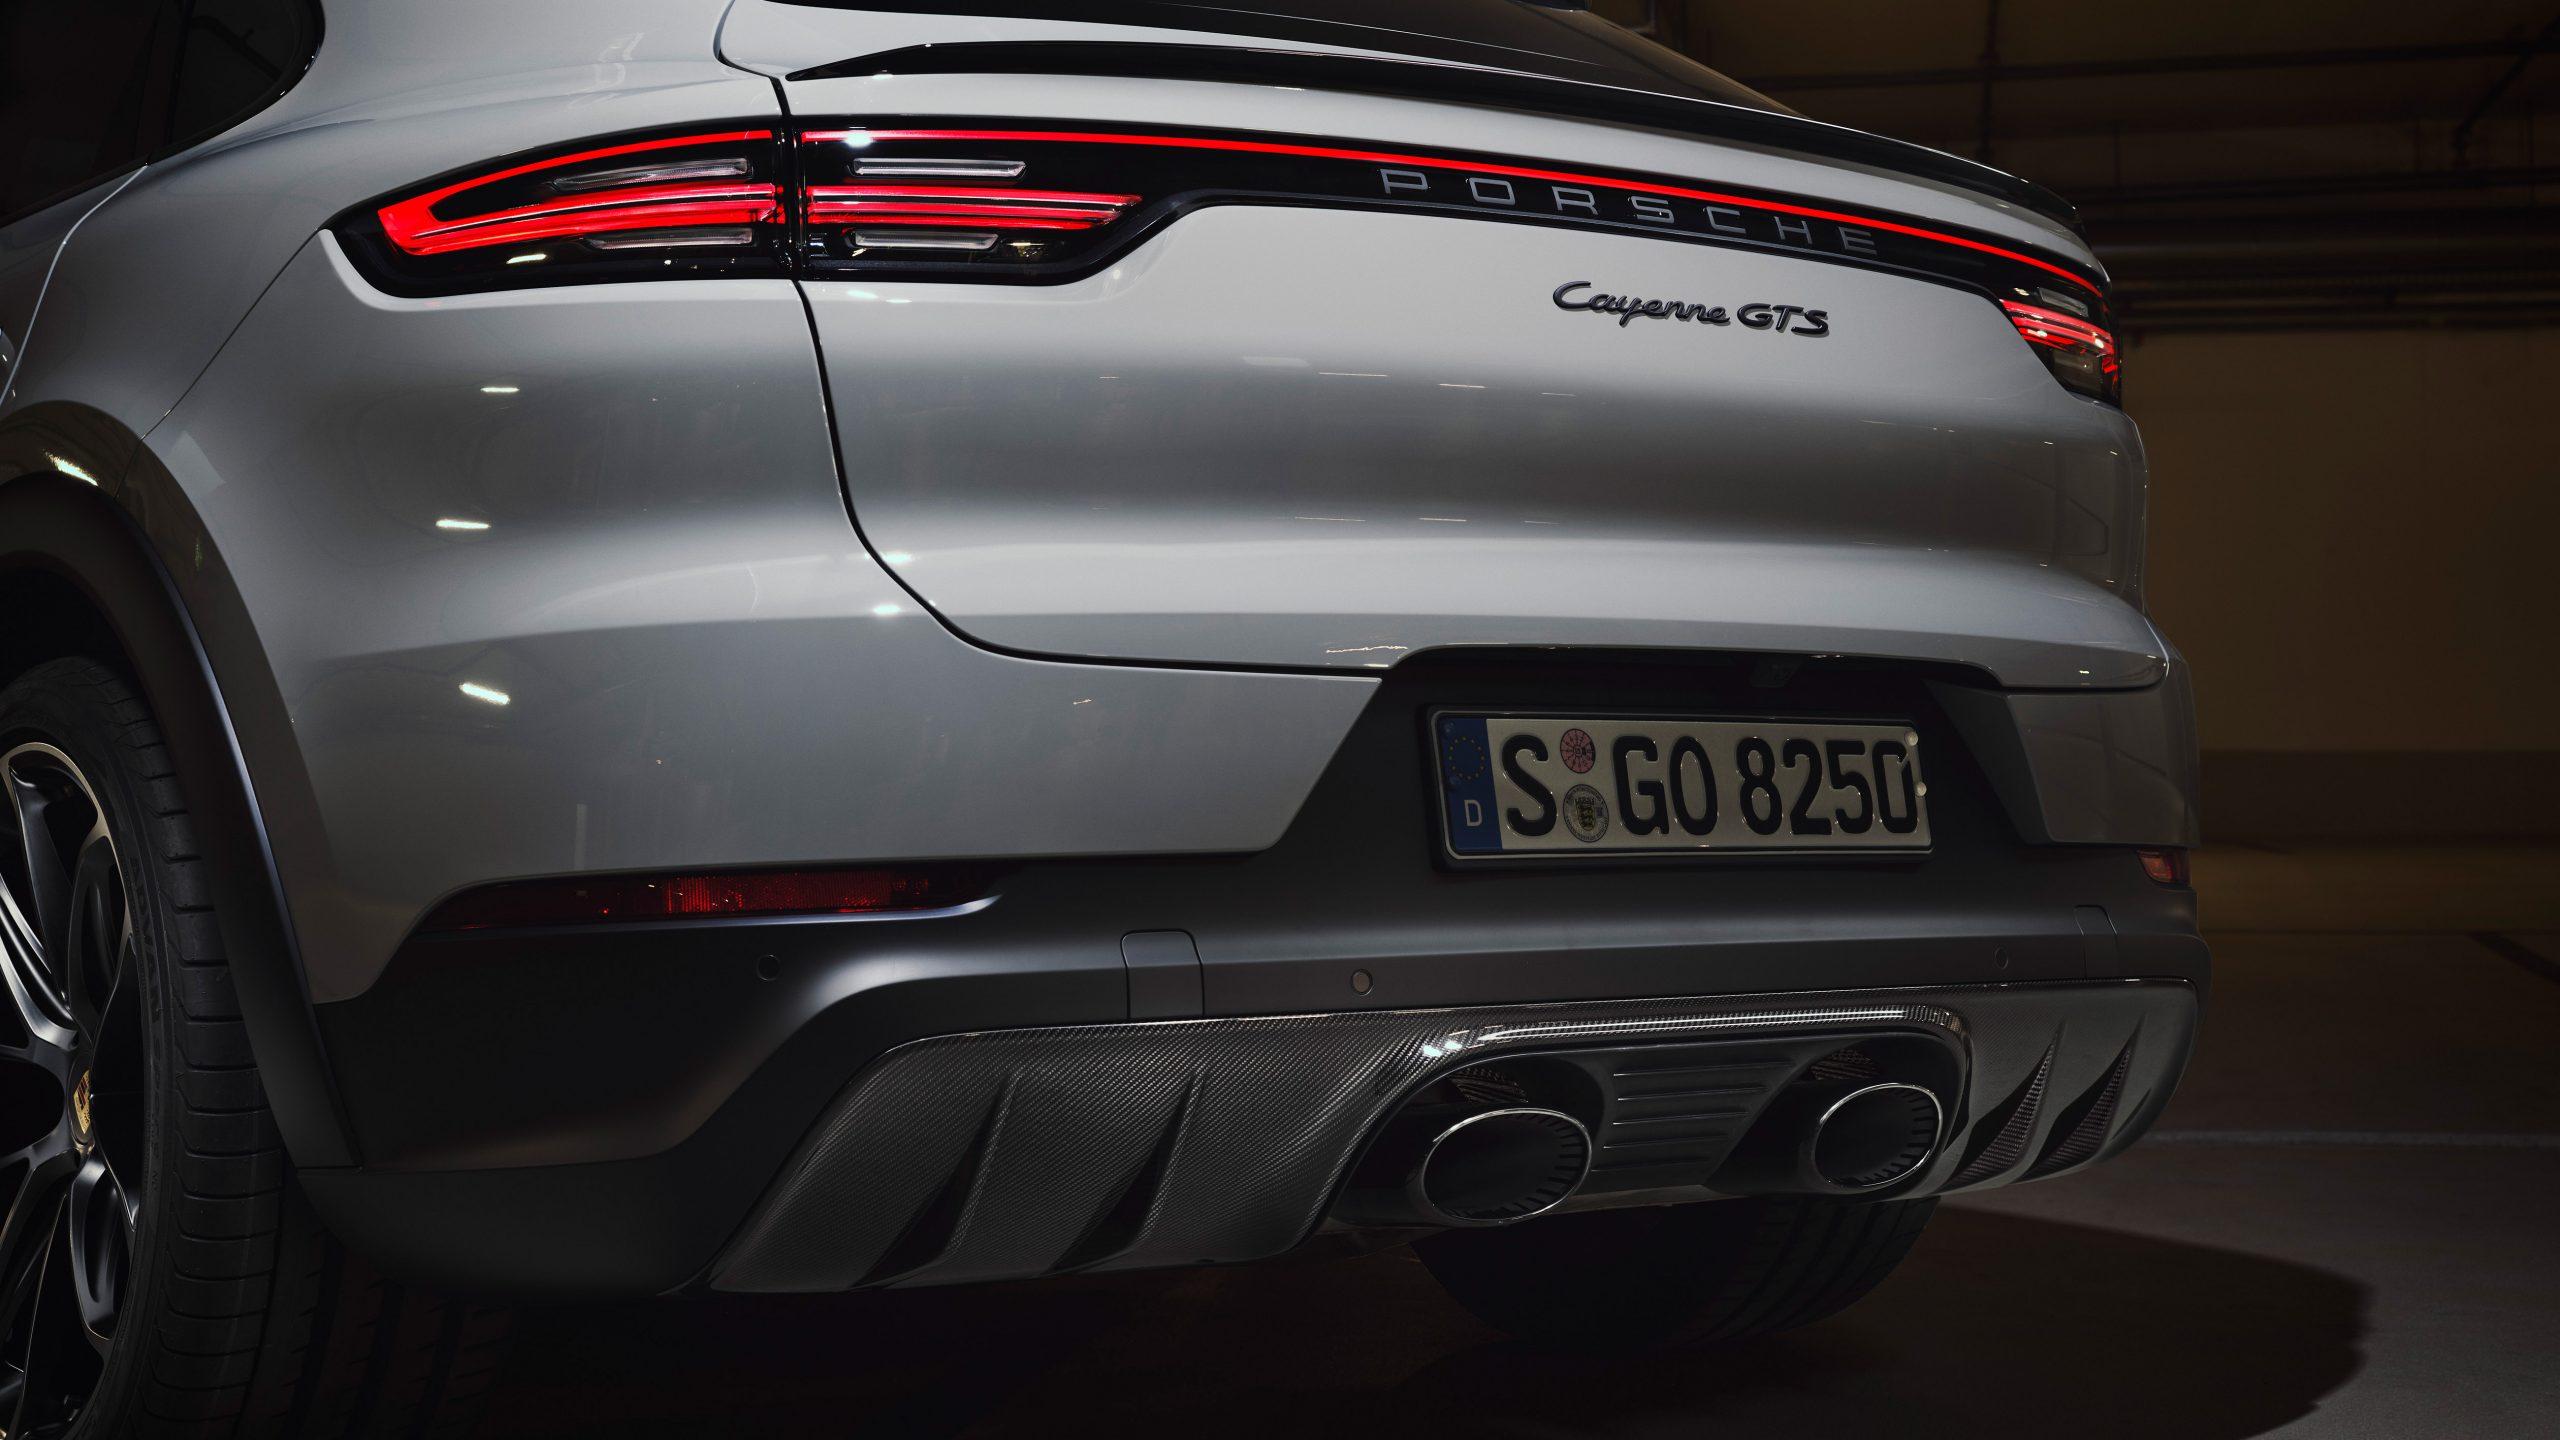 2020 Porsche Cayenne GTS Coupe Rear Fascia